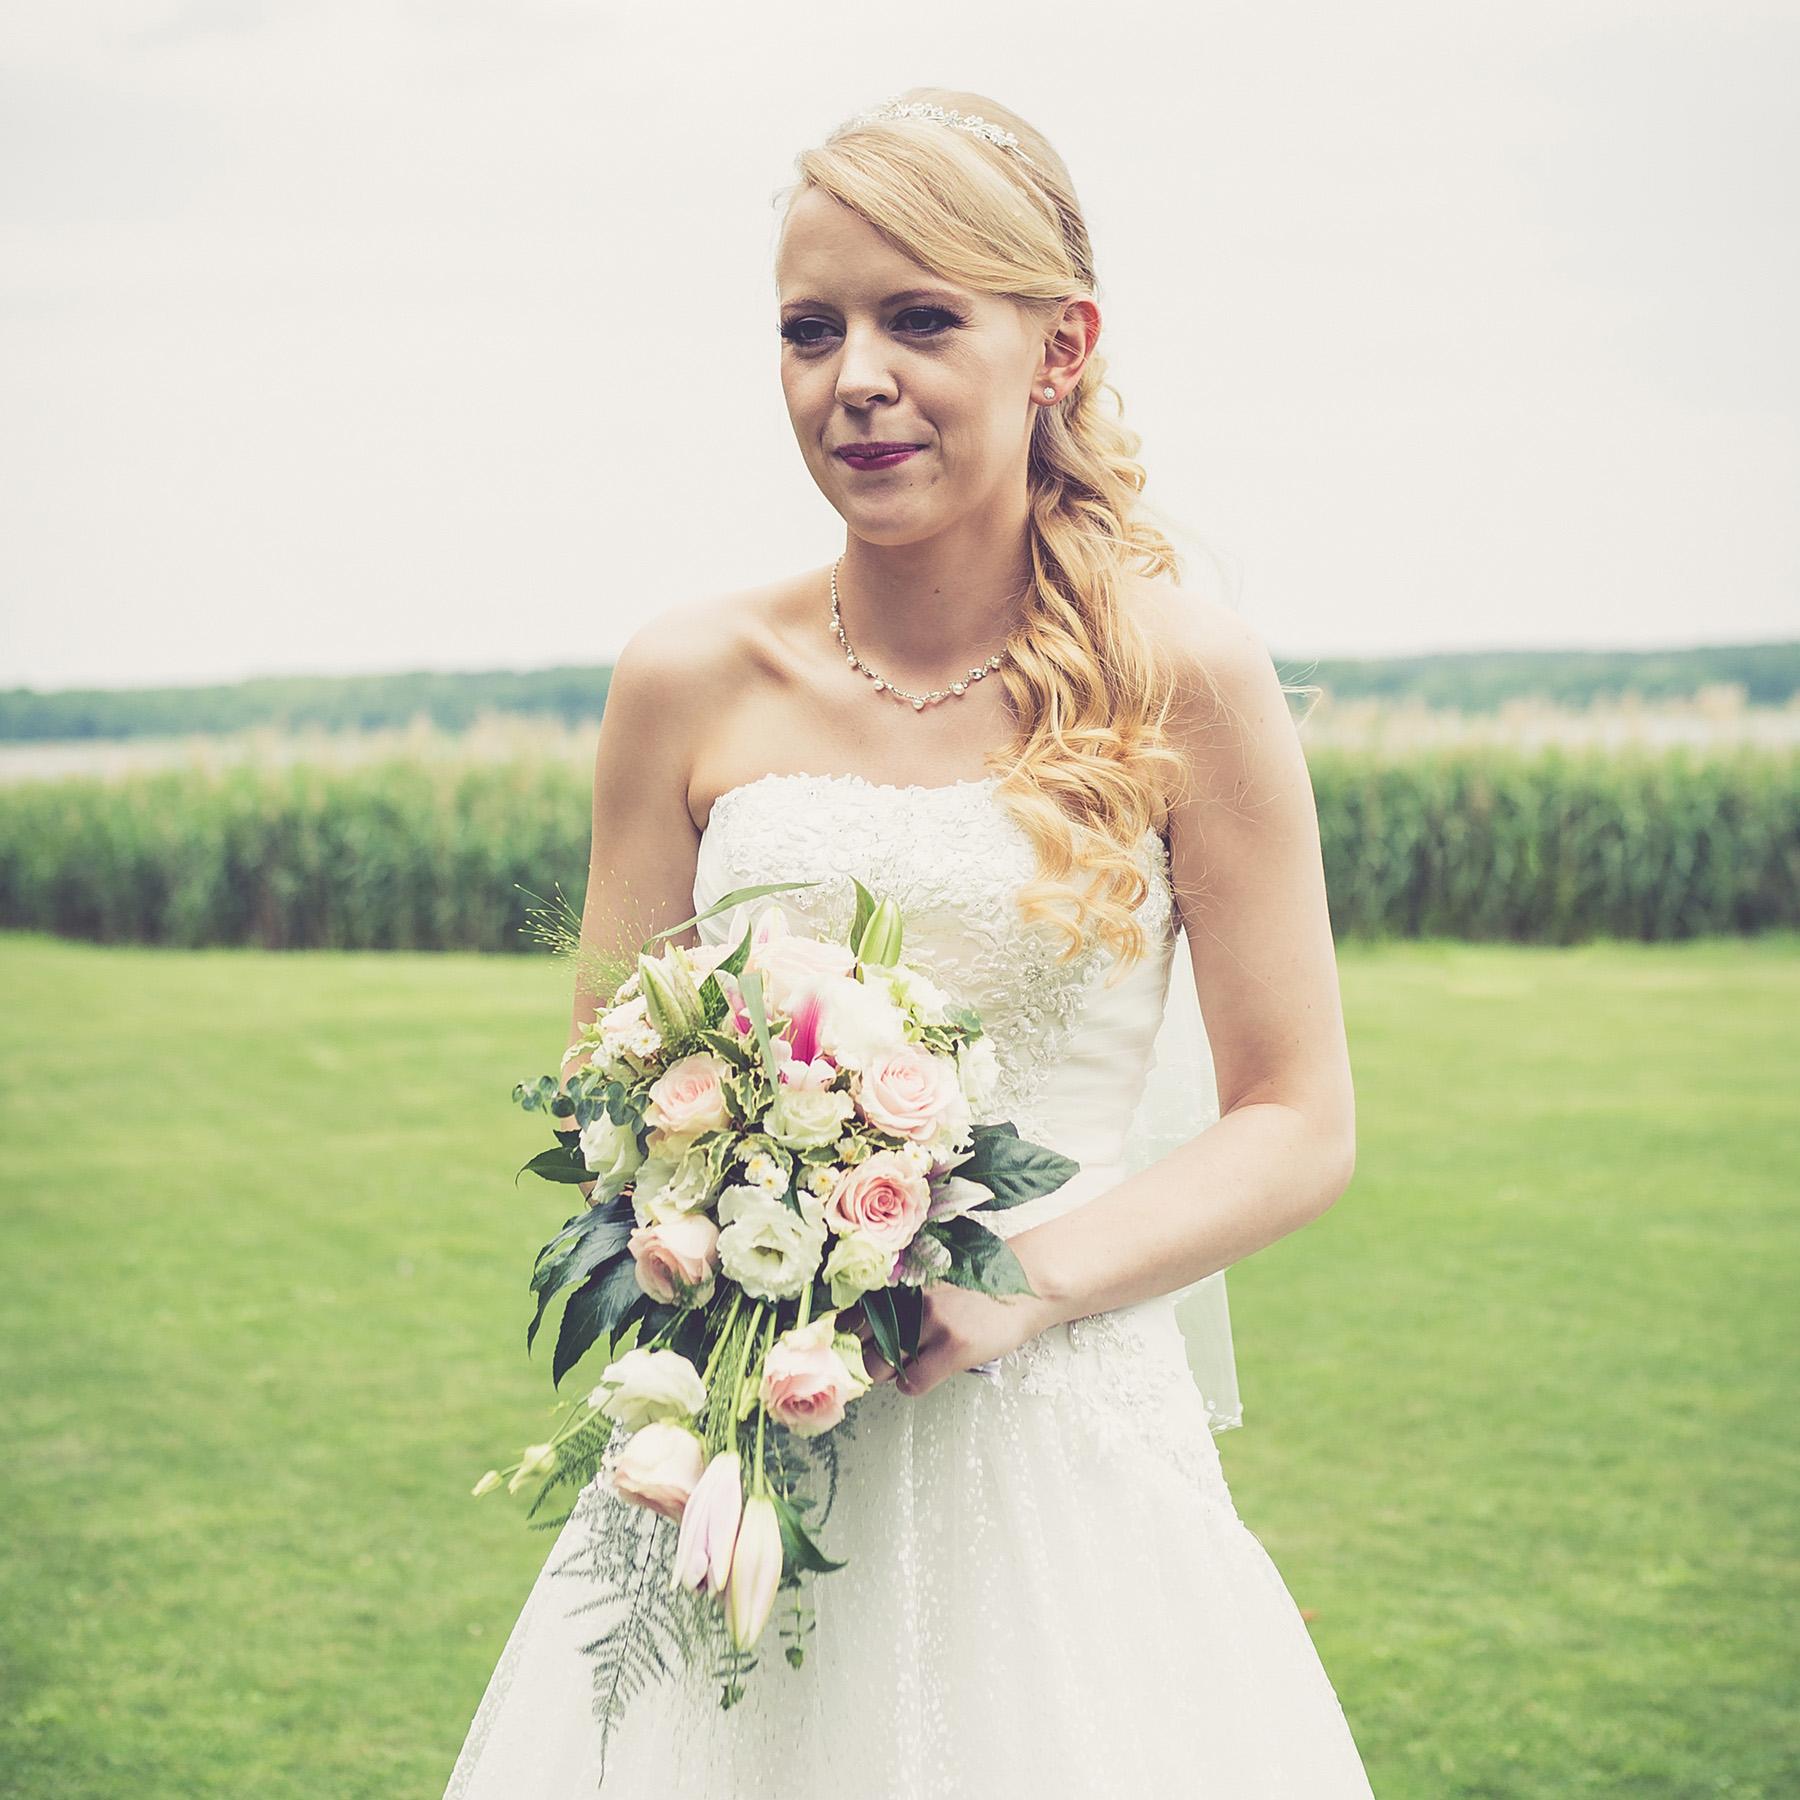 Hochzeit Feier Event Reportage